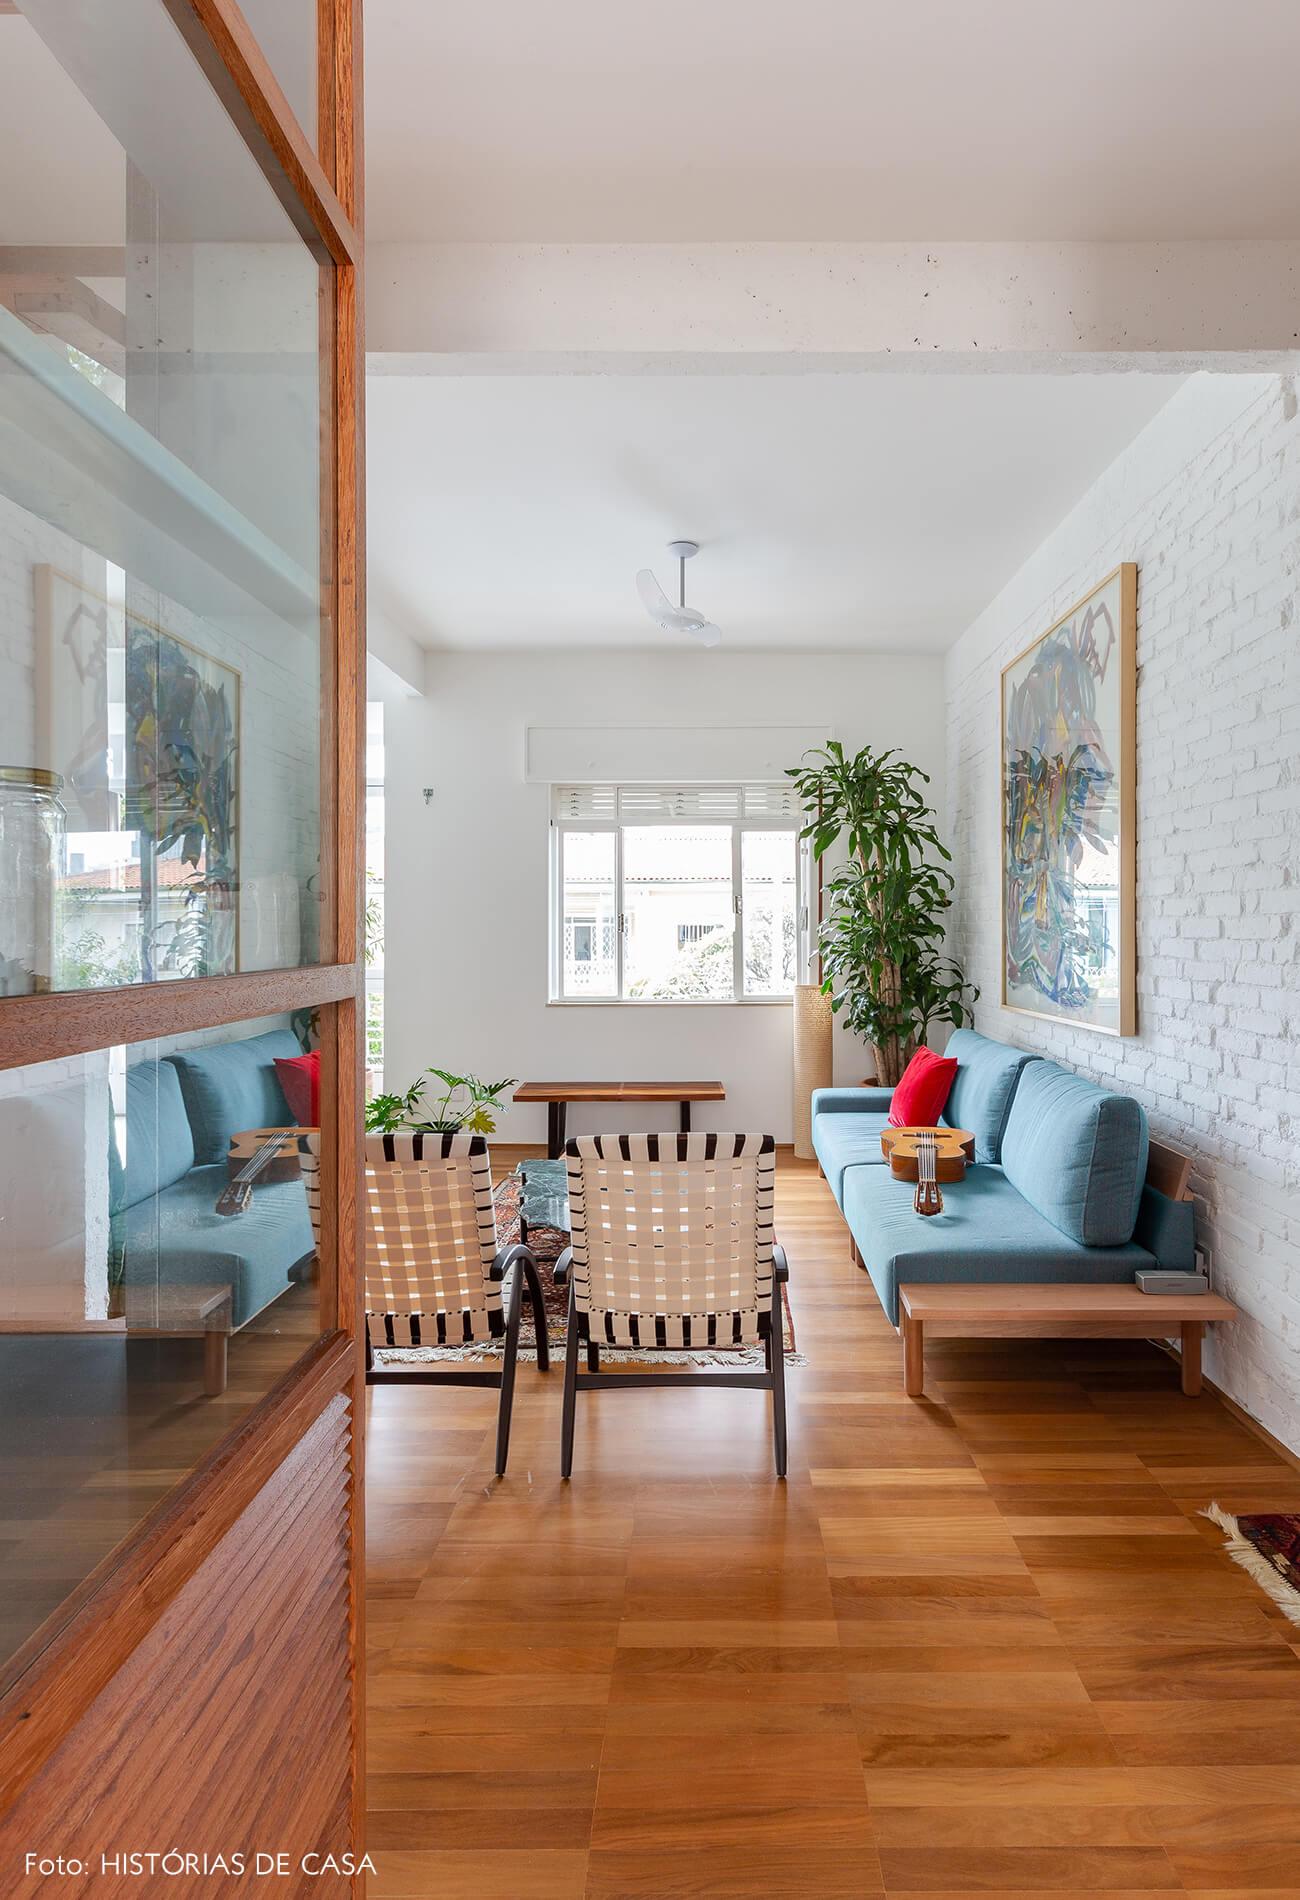 Apartamento reformado com paredes de tijolinho branco e piso de madeira